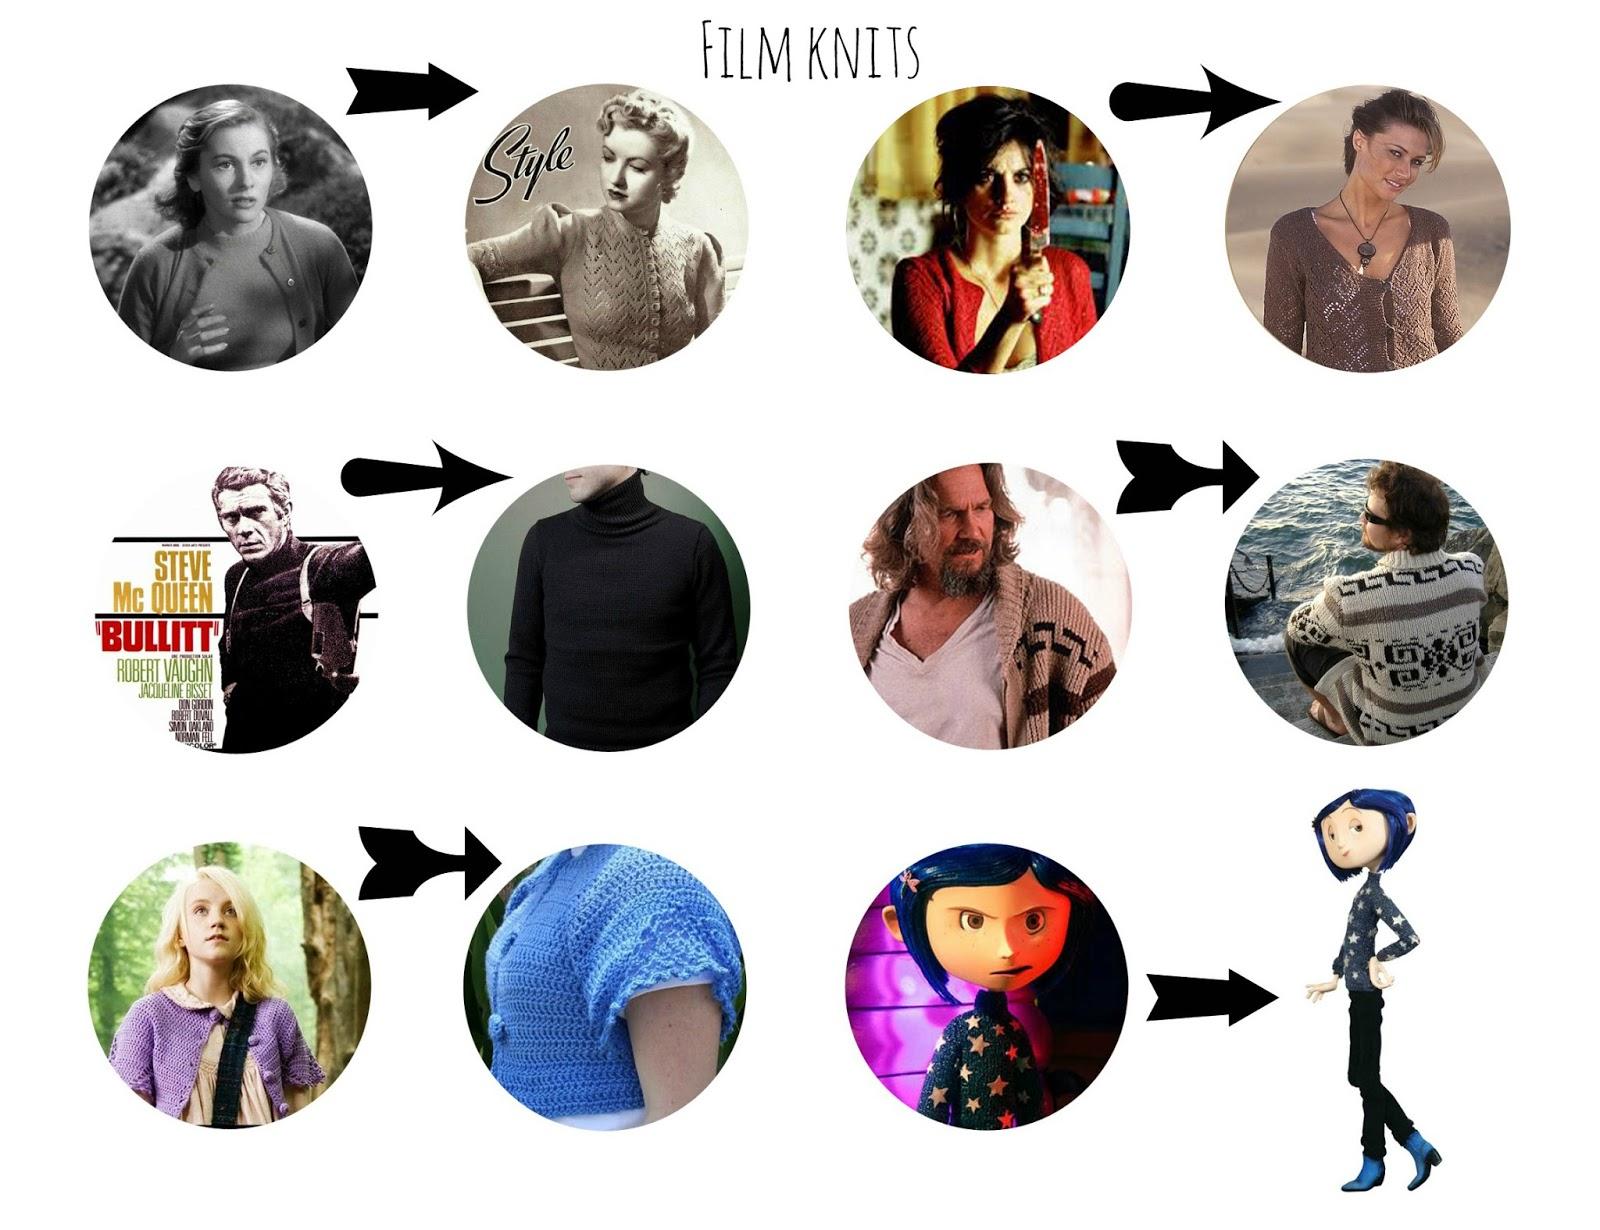 Armiarma: 6 patrones de jerseys de película/ 6 film knits patterns